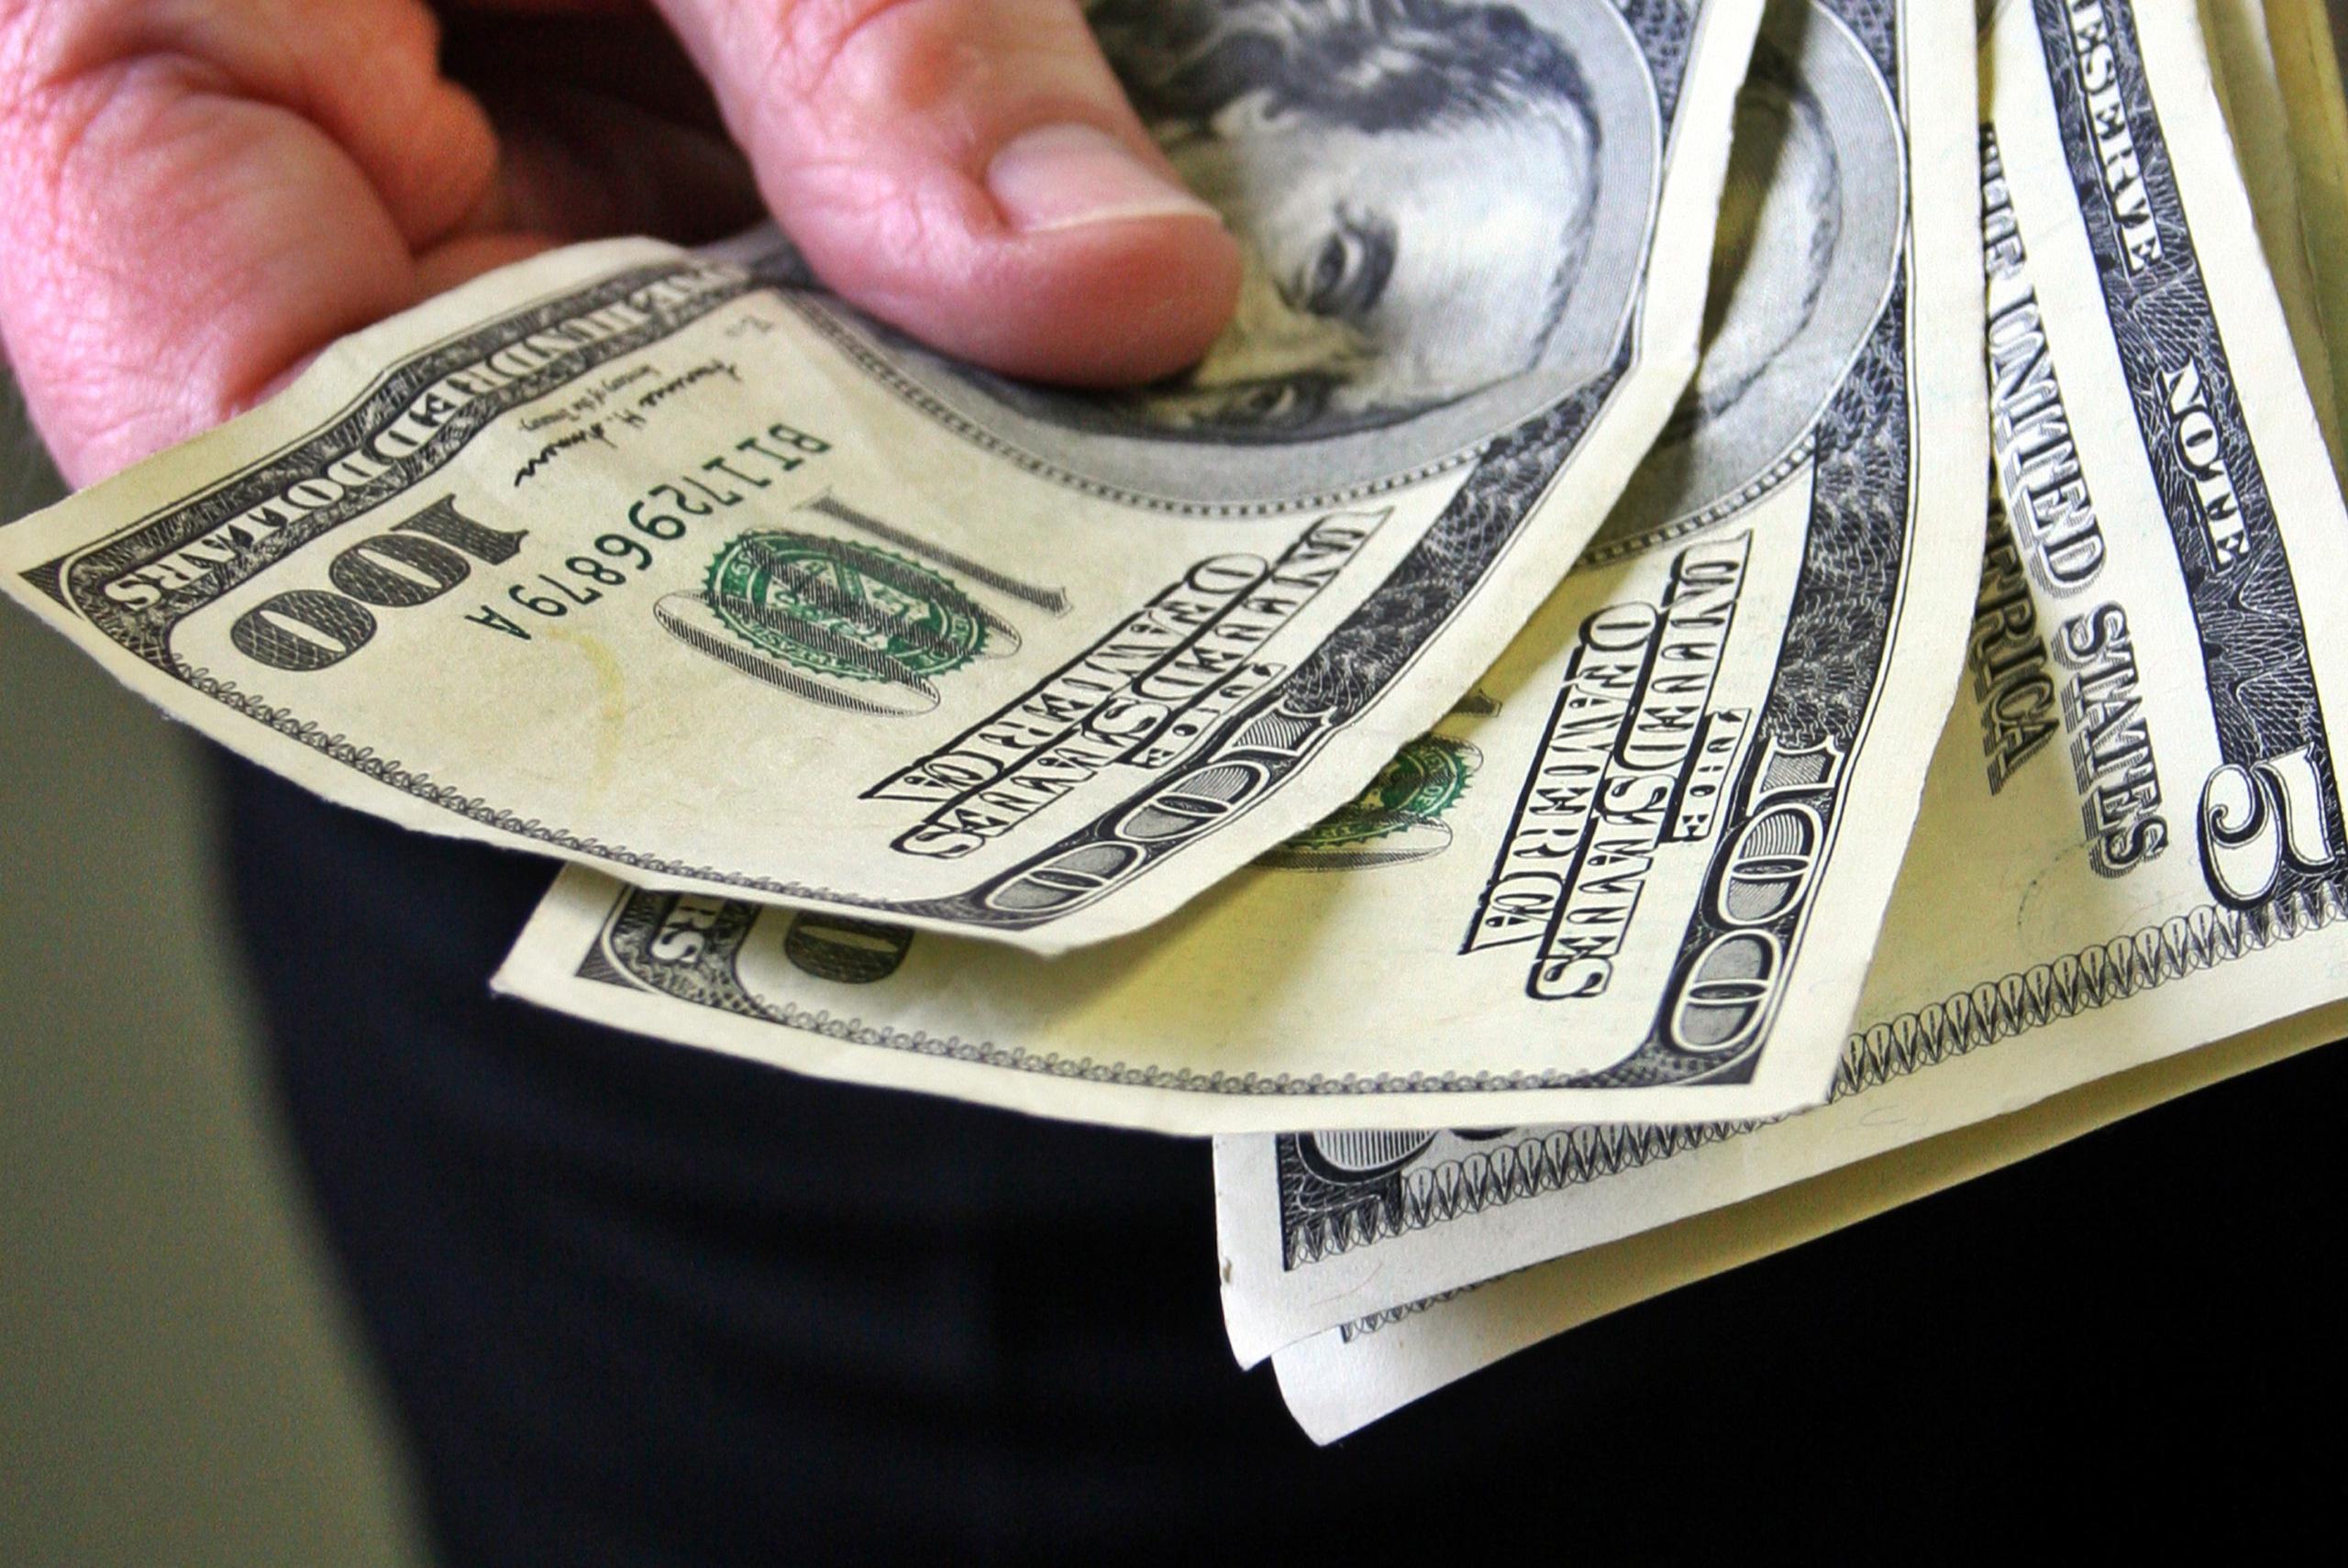 Làm sao để tính số tiền cần tiết kiệm cần trong 5 năm tới? - Ảnh 1.